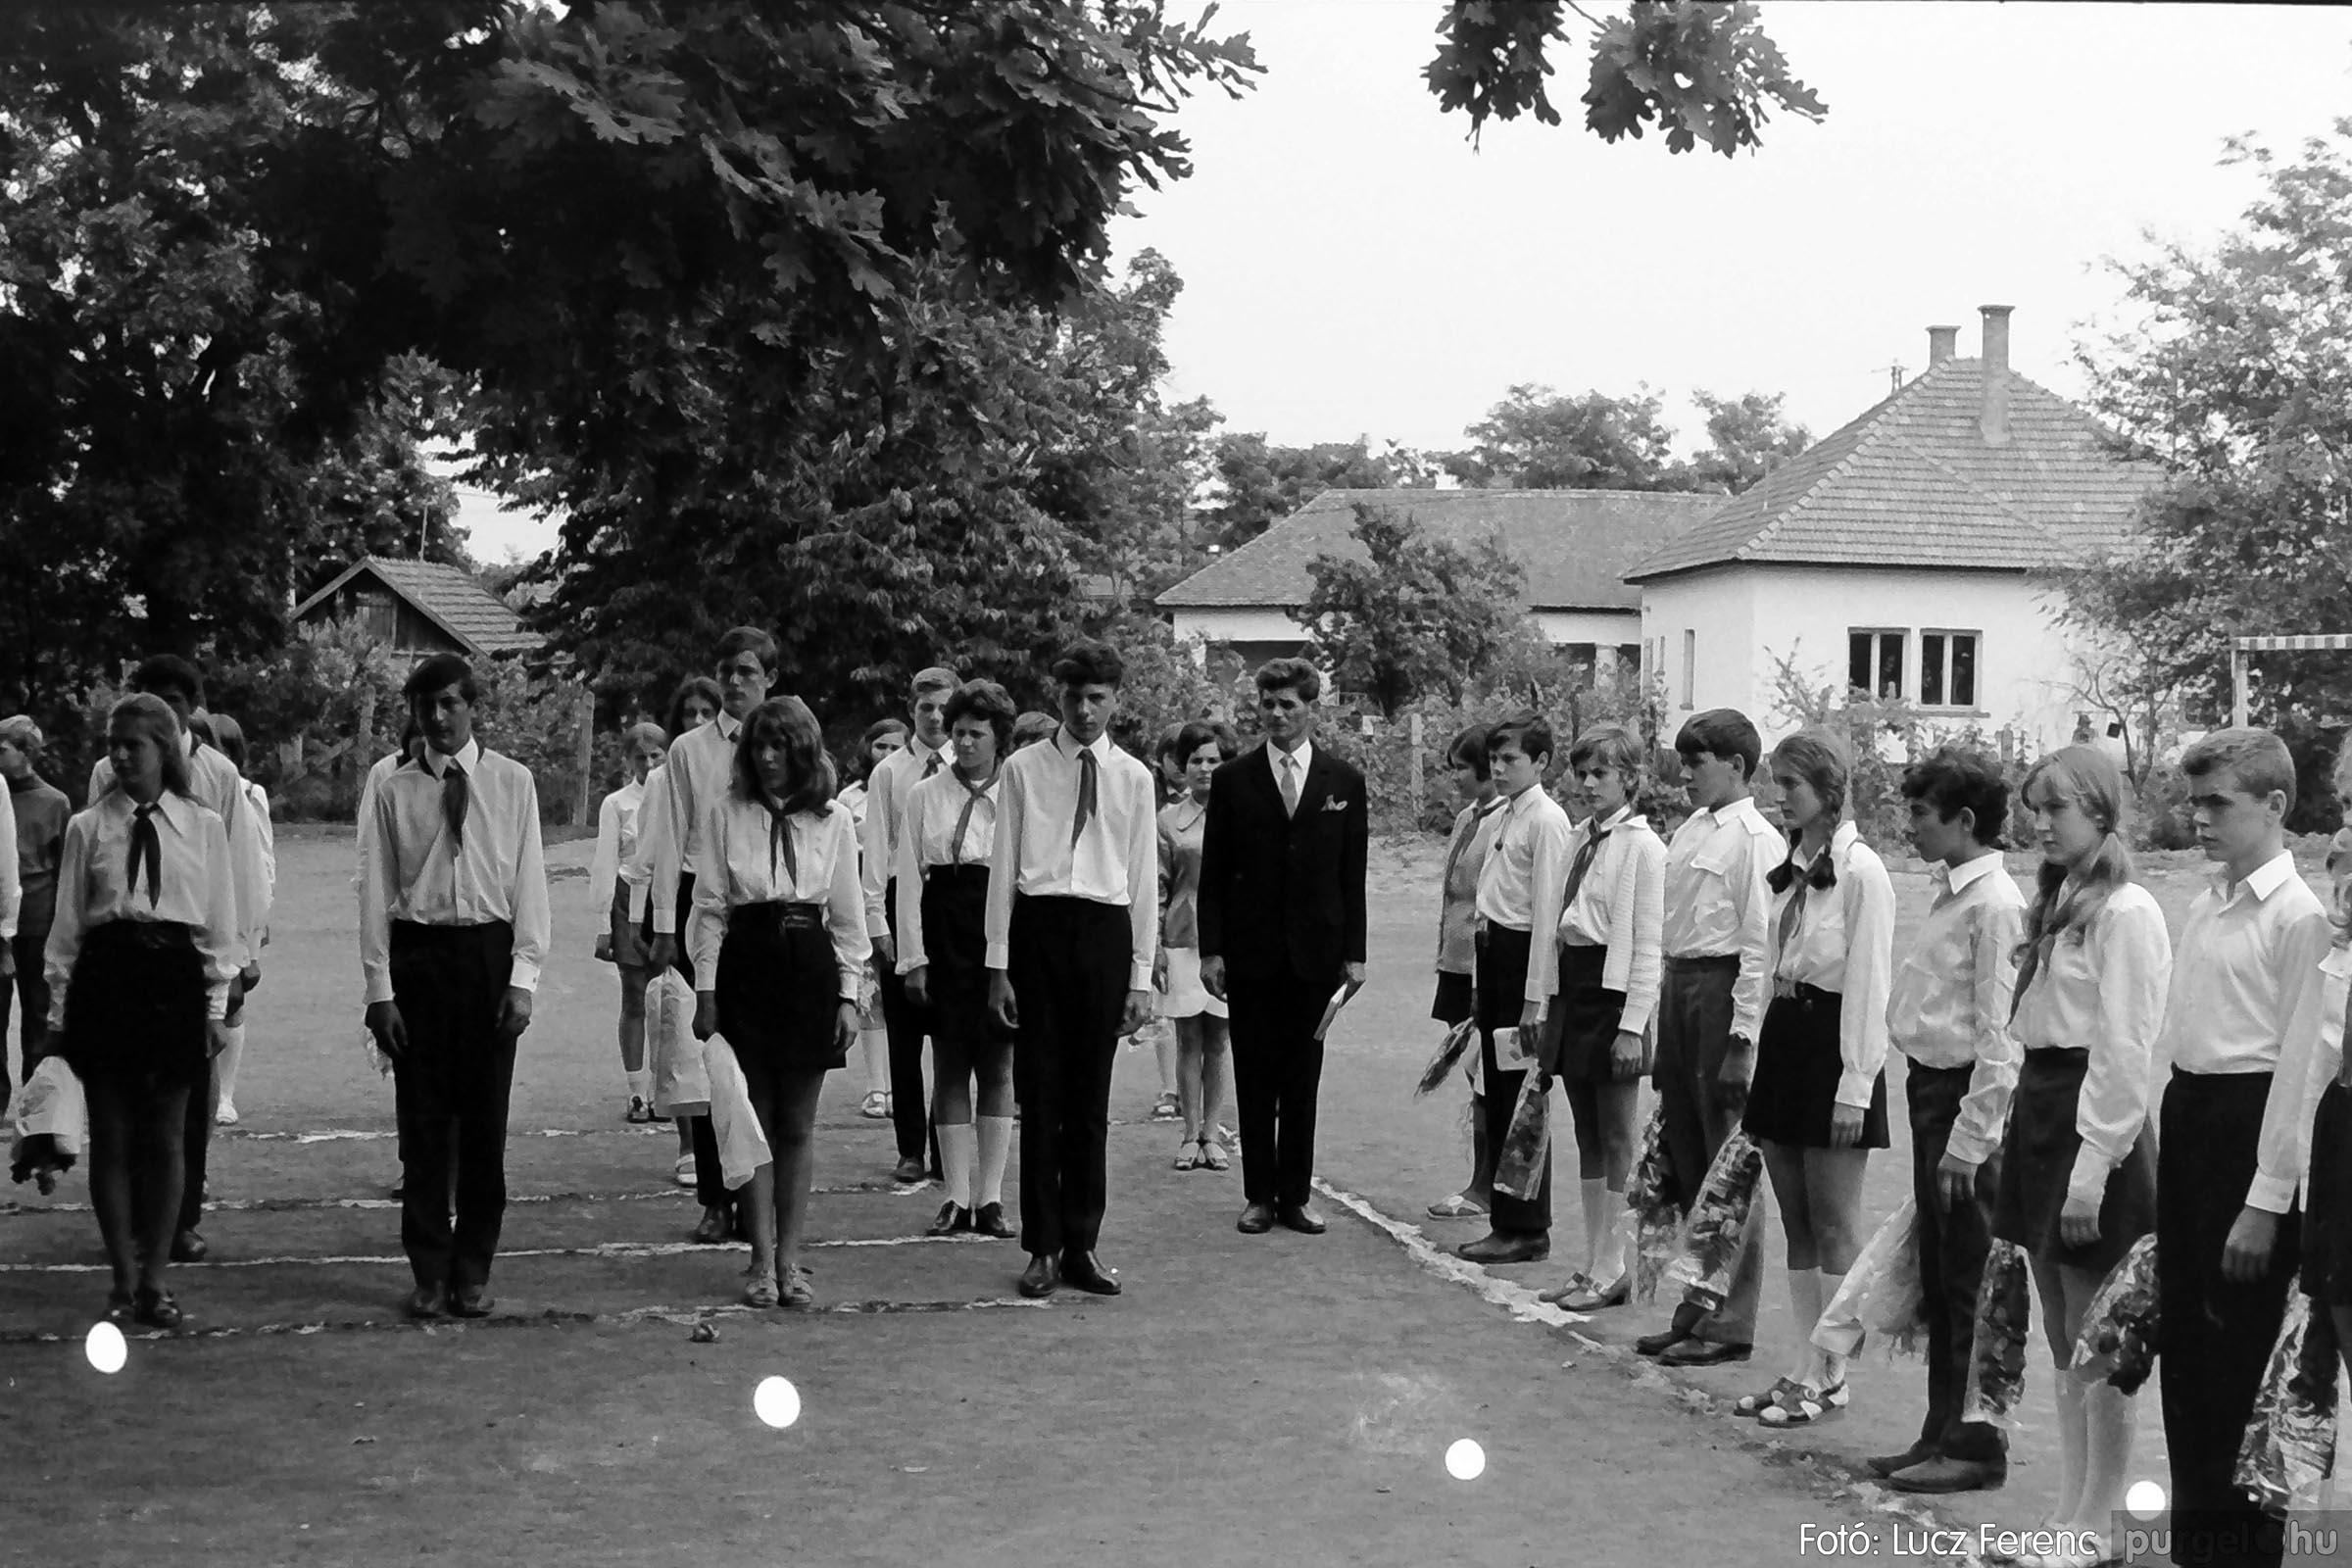 001 1972.05.27. Ballagás a szegvári iskolában 019 - Fotó: Lucz Ferenc - IMG01076q.jpg